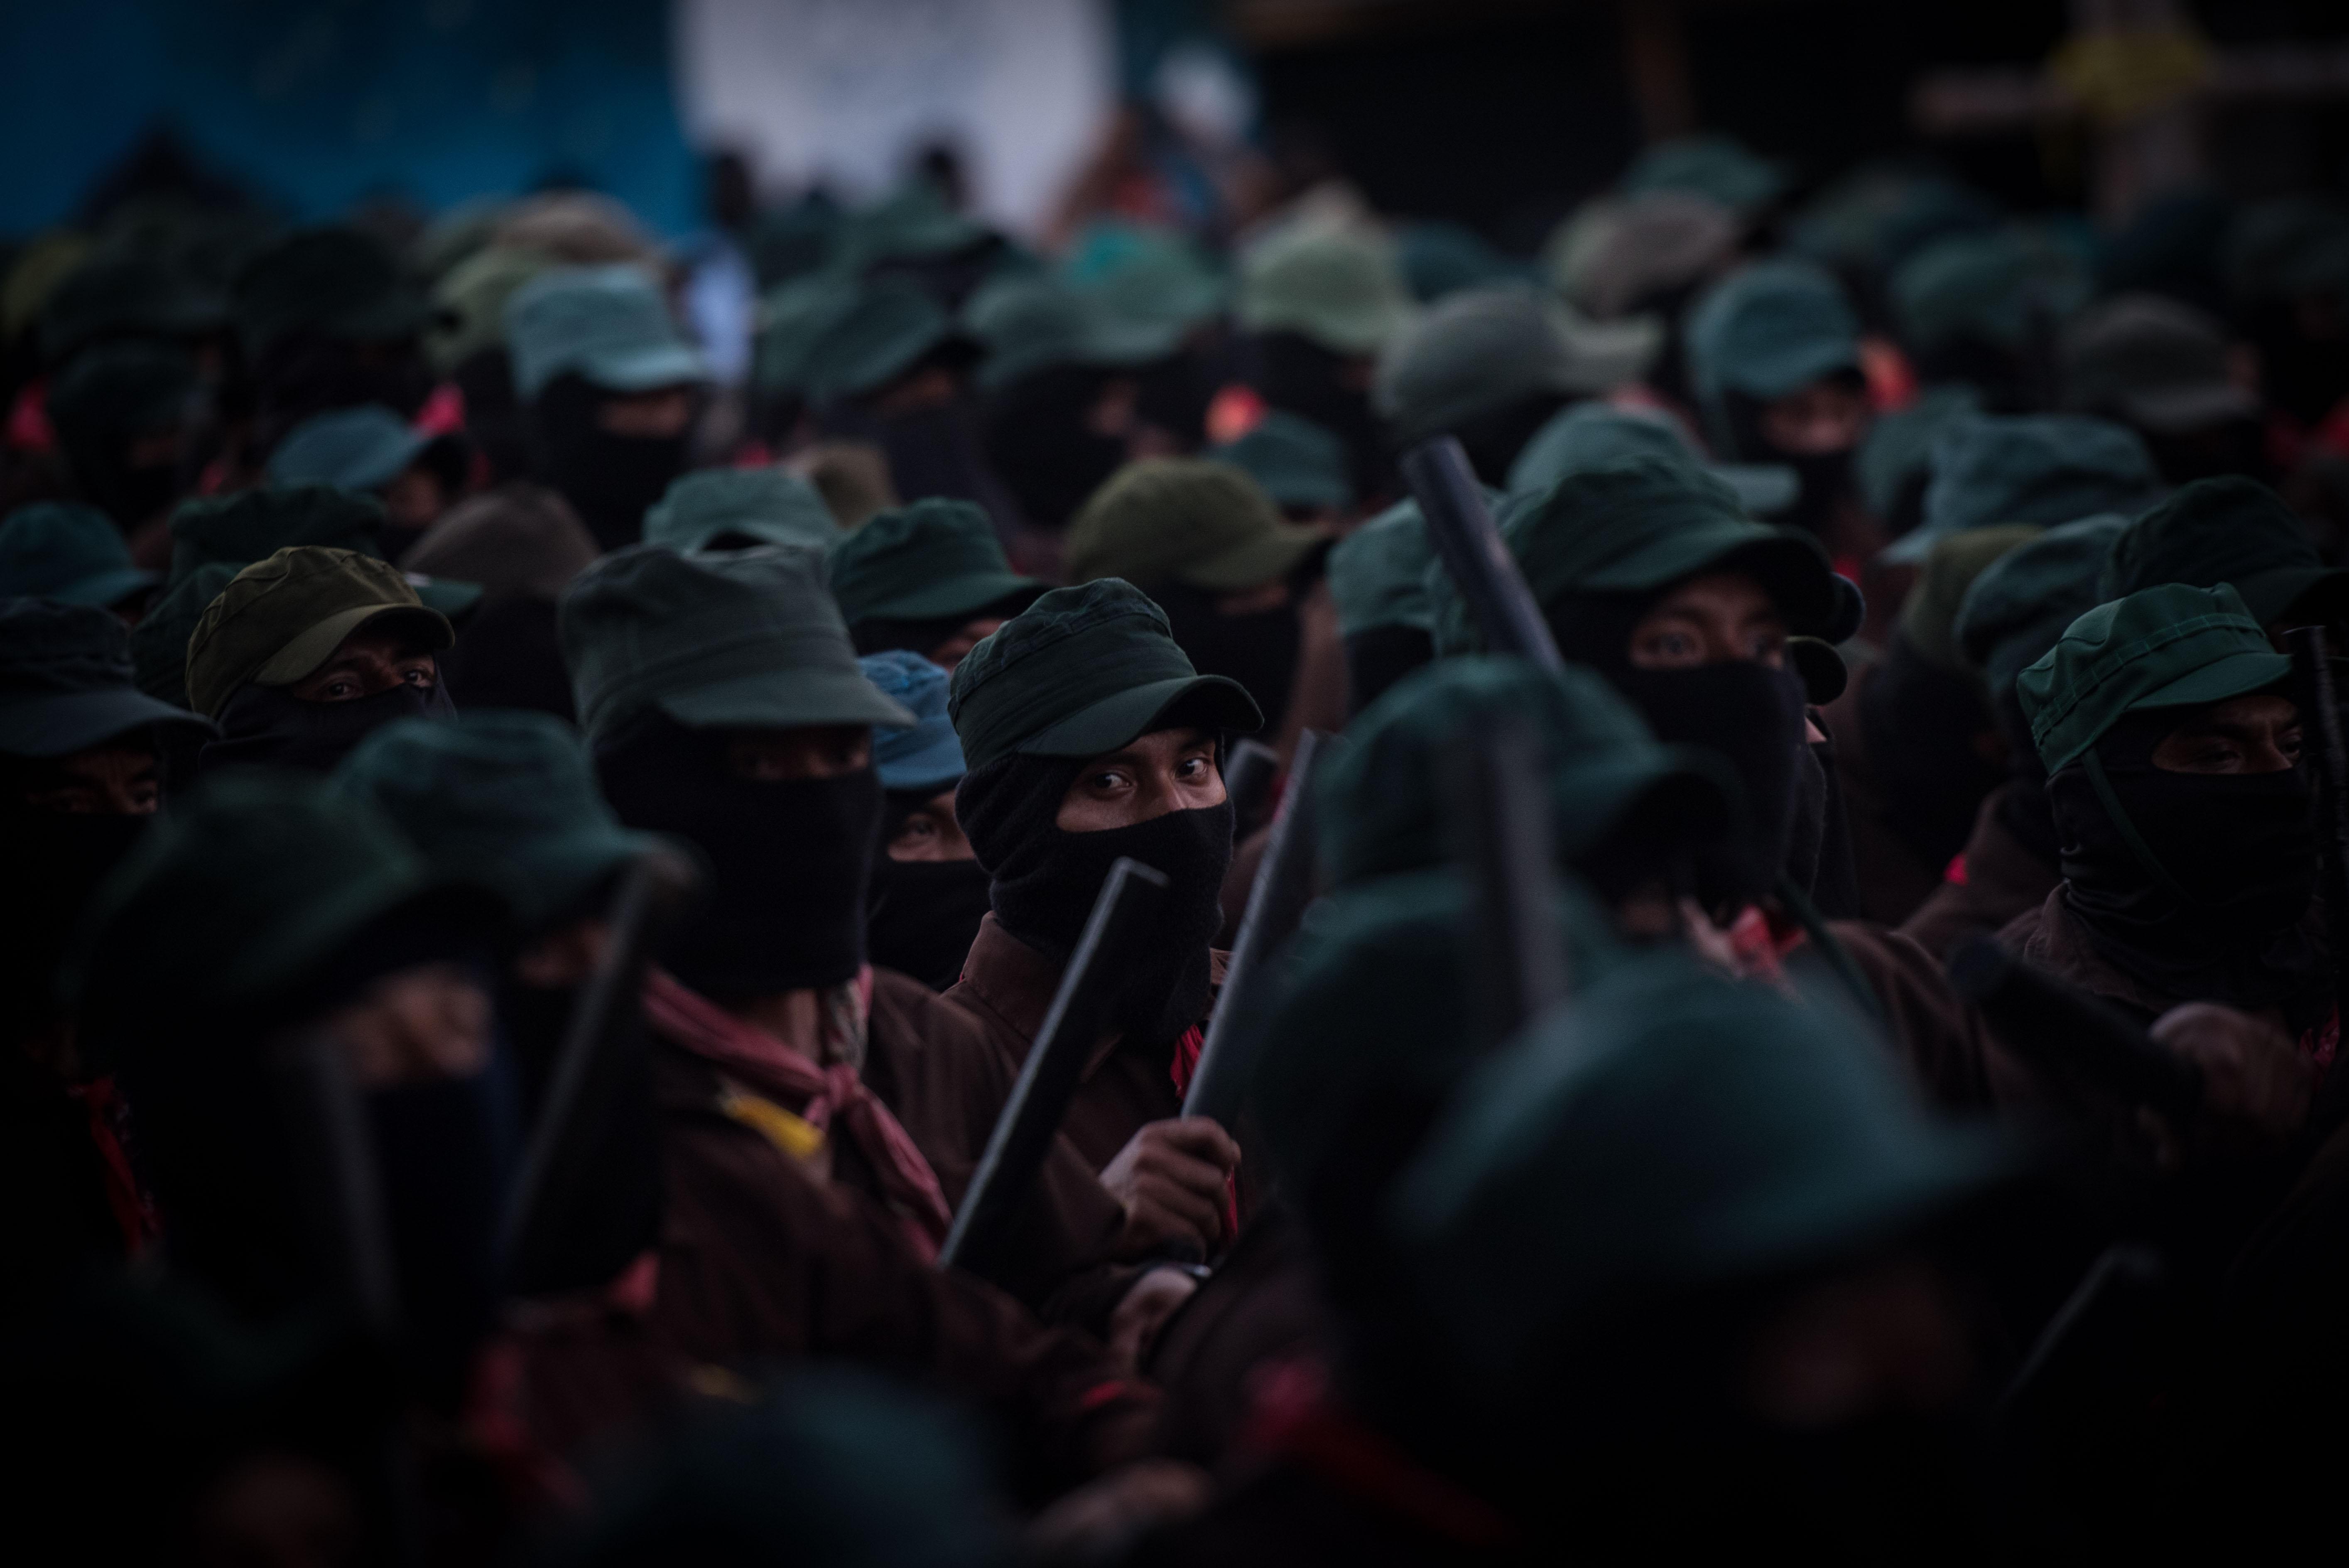 El grupo insurgente prepara la resistencia contra proyectos del gobierno federal (Foto: Cuartoscuro)